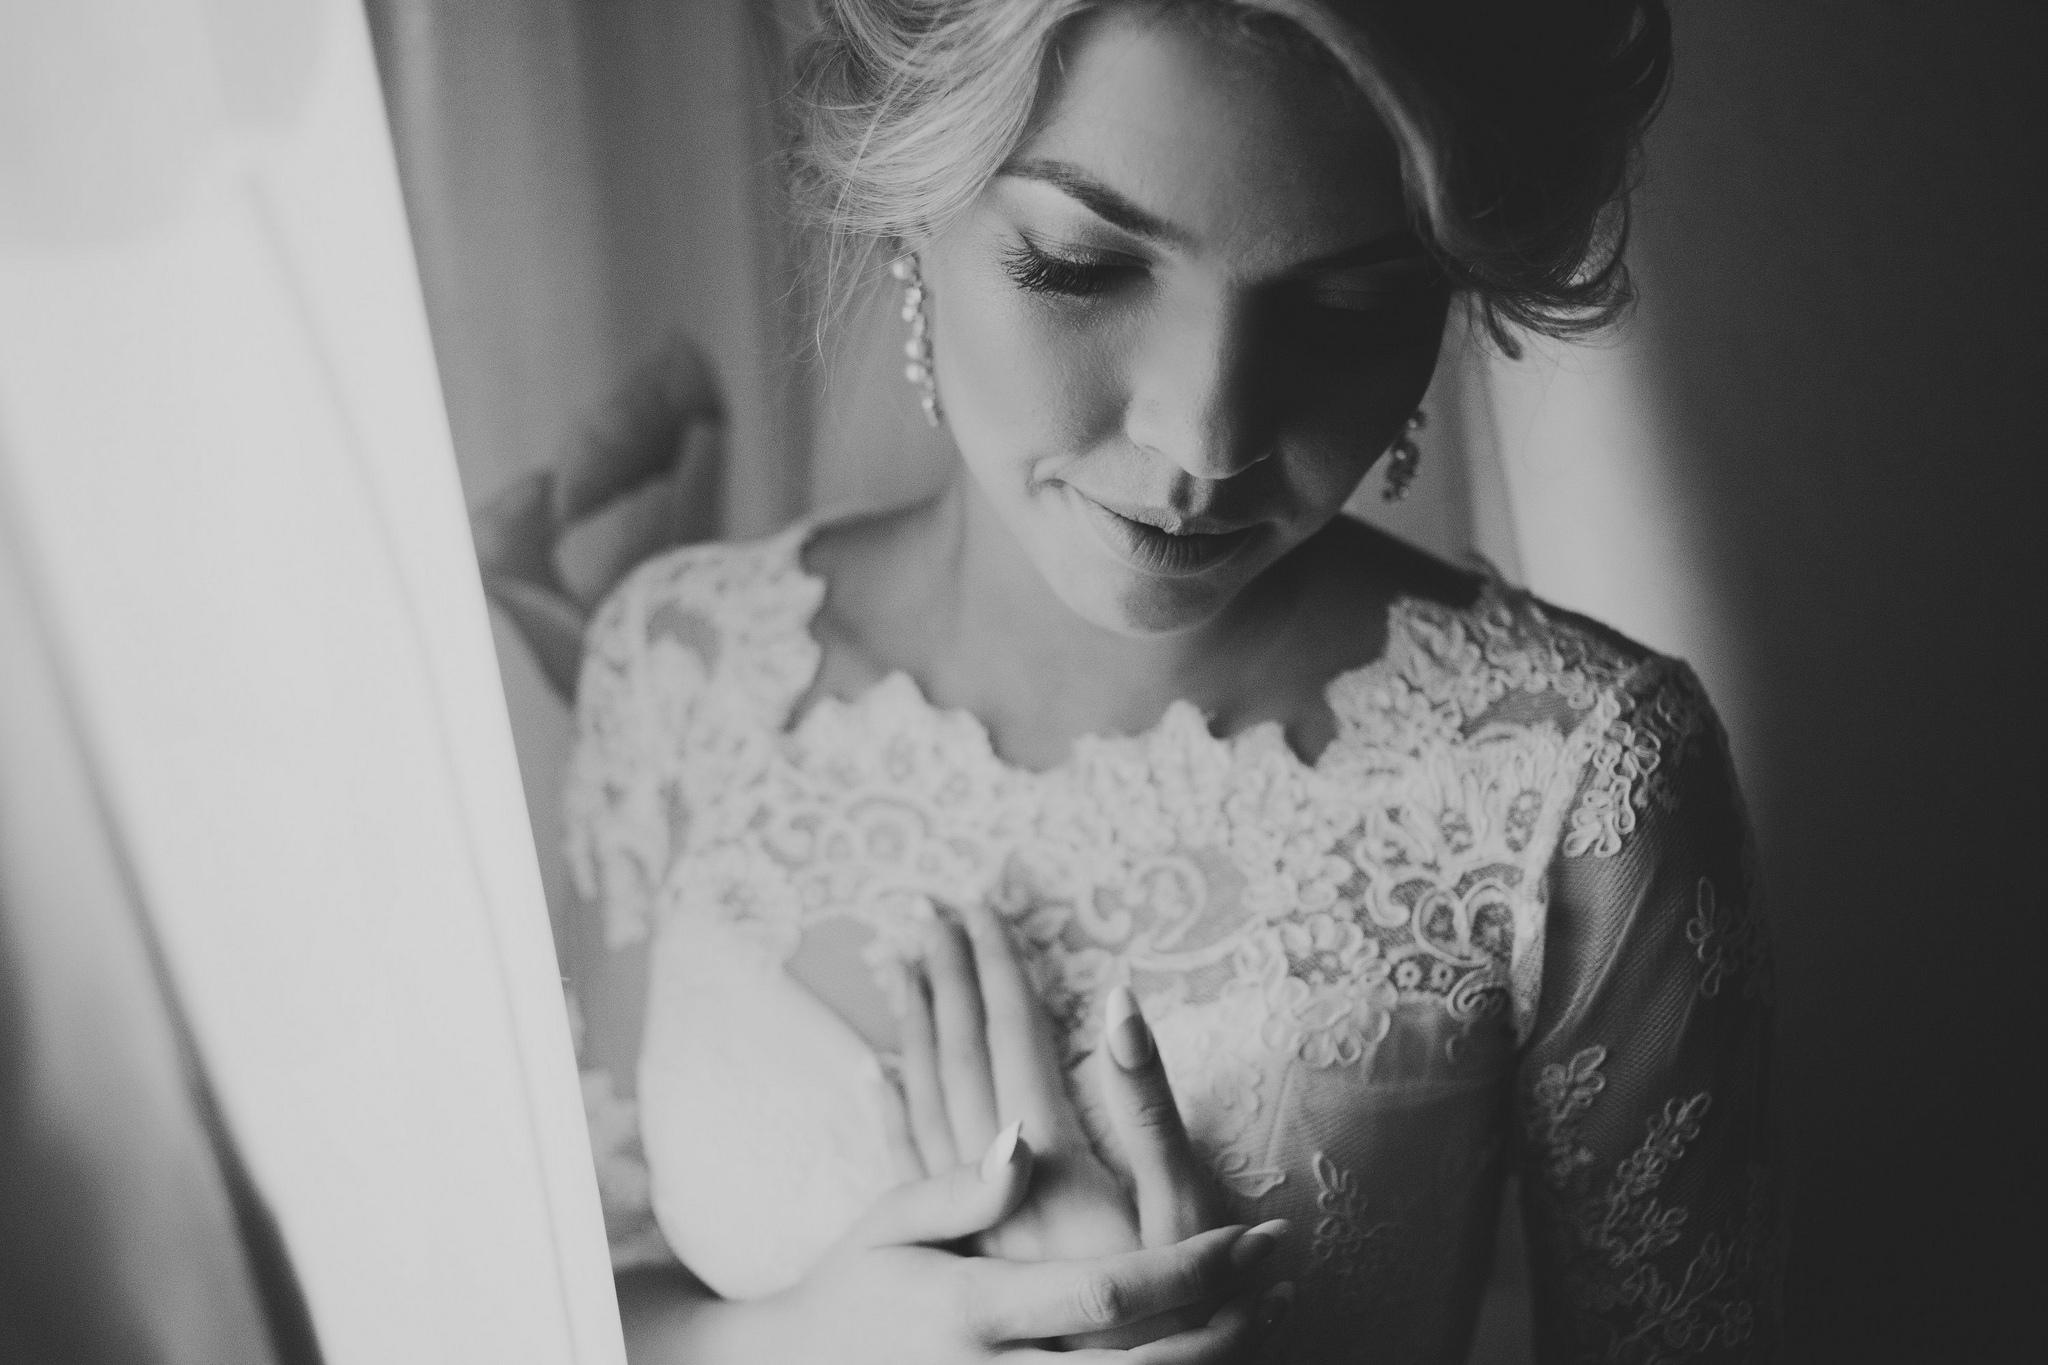 Alexandra & Riccardo - Wedding in Cortona - Tuscany, 10 Settembre 2016